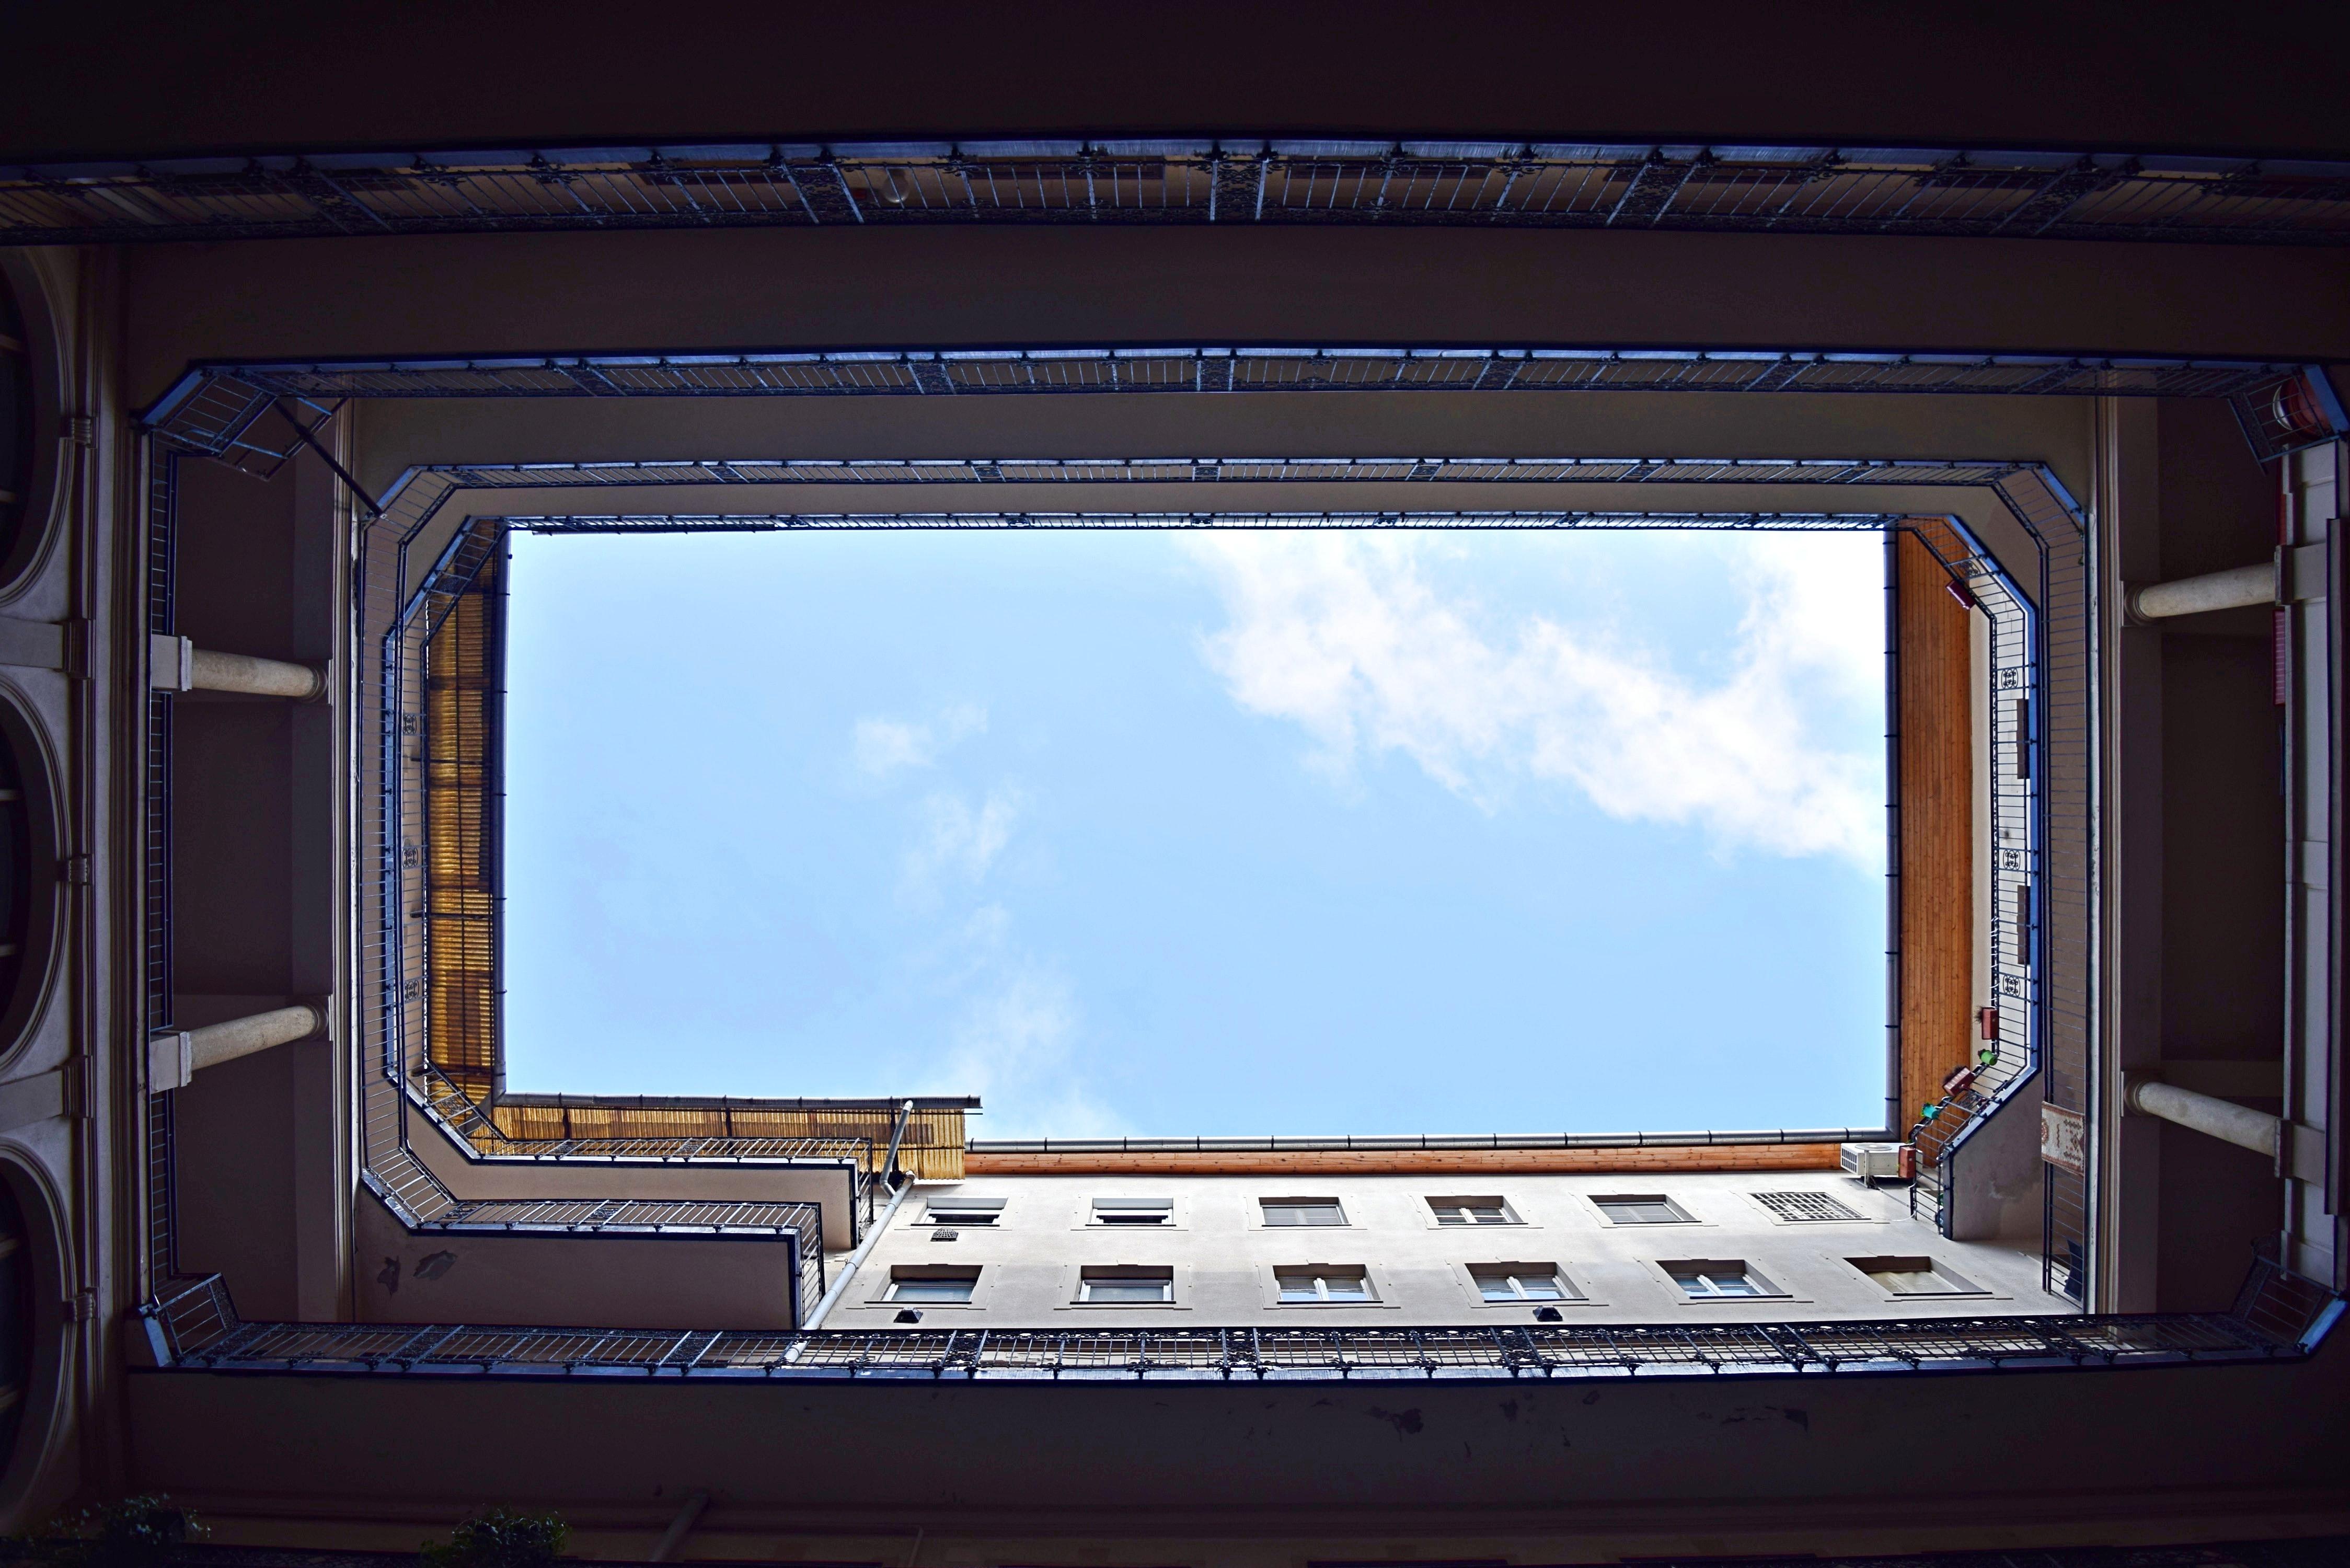 prison, sky